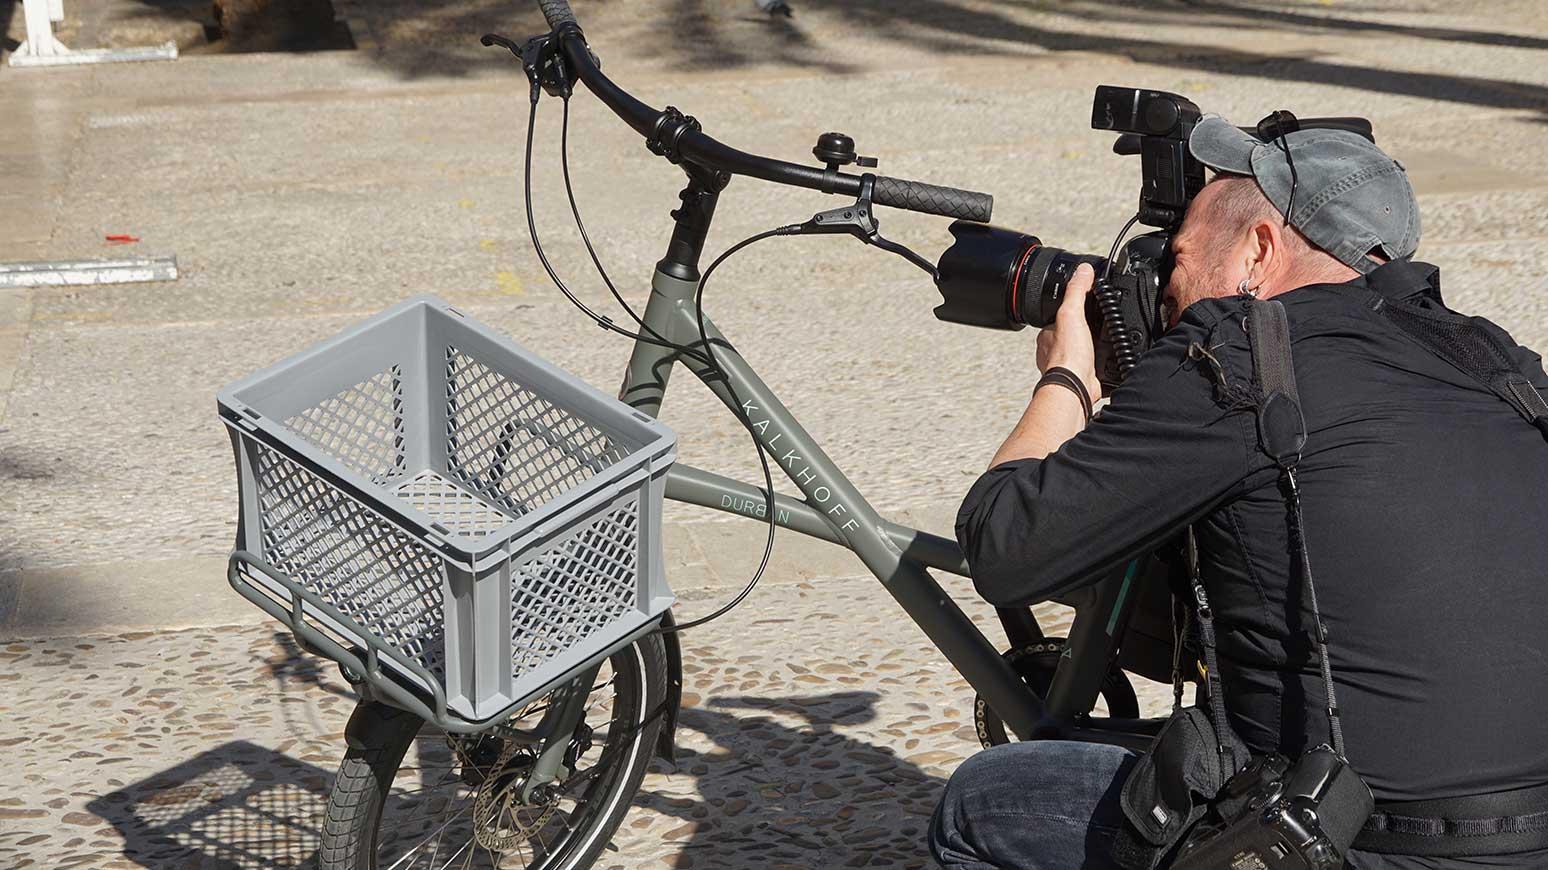 Im Focus des Fotografen: die Frontpartie des Kompaktrads, aufgesetzt auf den Fronträger: Transportkiste mit Euro-Format